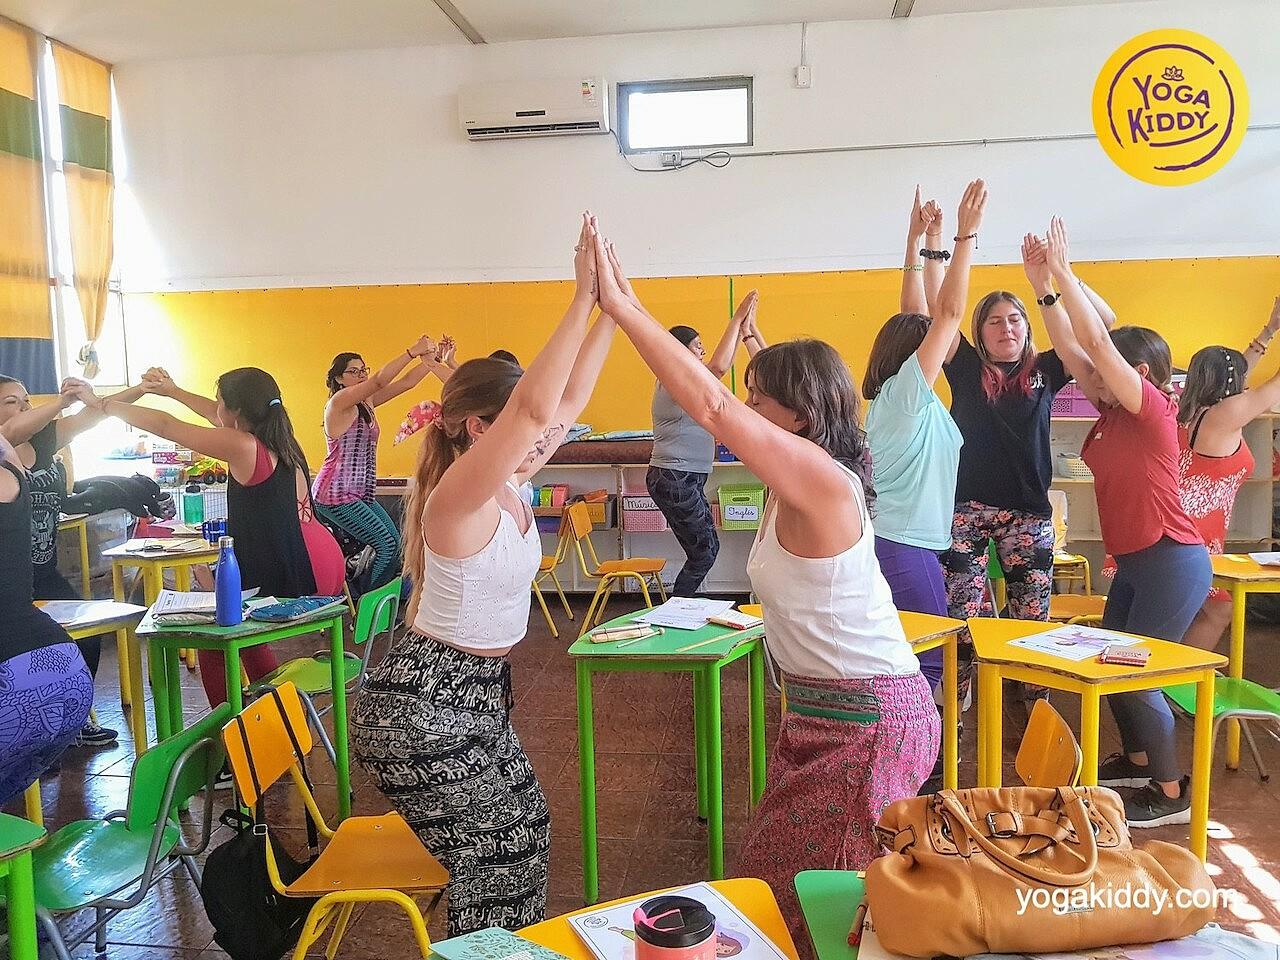 yoga en el aula sala de clase yogakiddy 0009